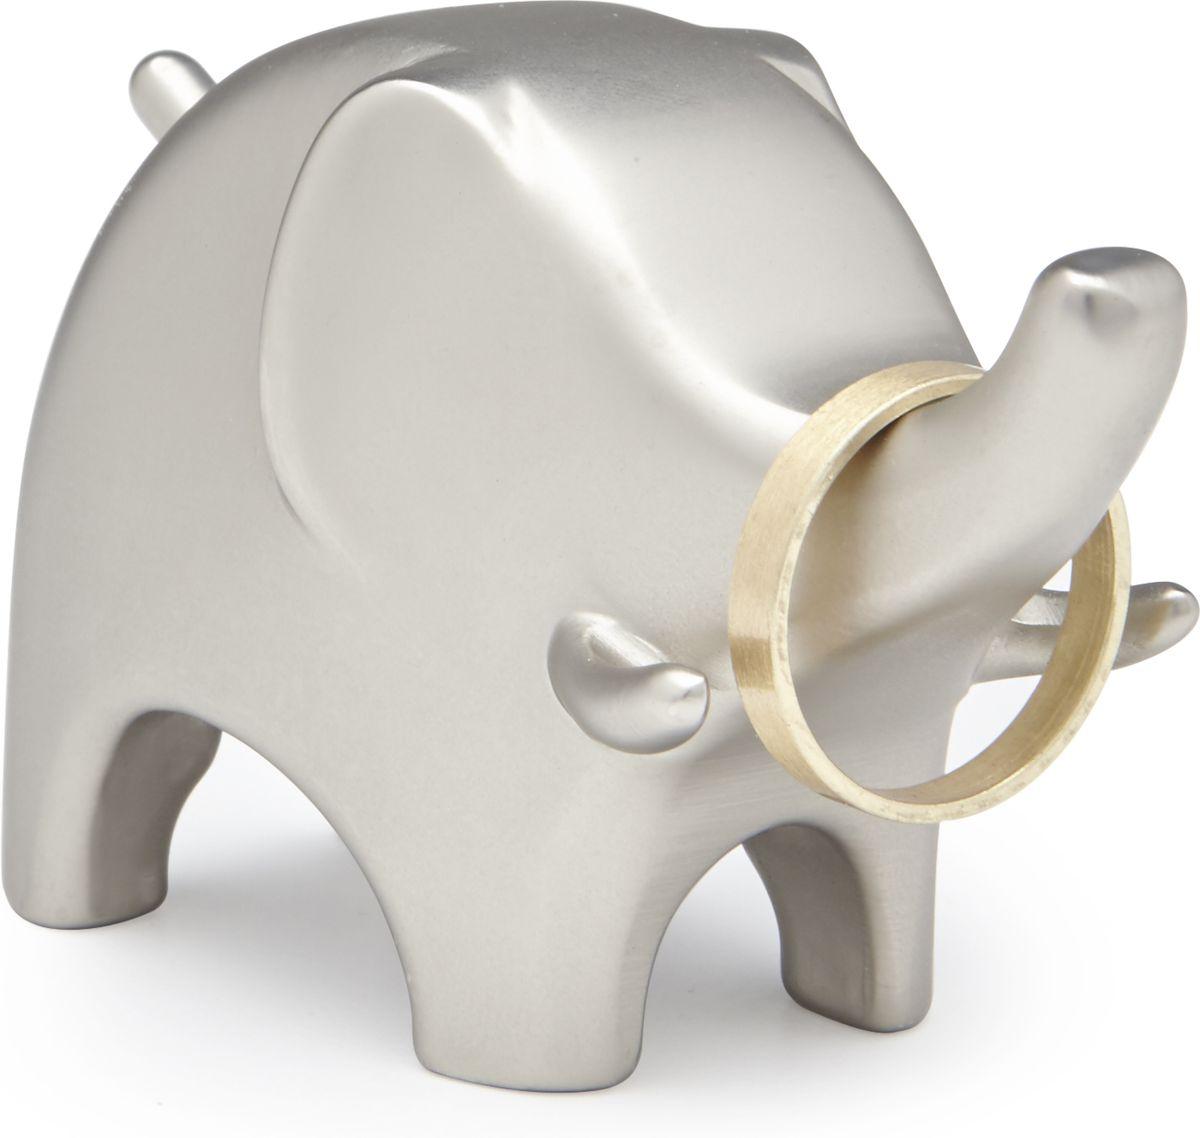 Подставка для колец Umbra Anigram. Слон, цвет: никель299114-410Подставка для колец Слон от Umbra прекрасно подойдет как любительницам порядка, так и просто высоко эстетичным натурам. Она станет незаменимым помощником на прикроватной тумбочке или в ванной комнате, там, где приходится расставаться с любимыми украшениями во имя бережного к ним отношения. Сочетание металла прорезиненного покрытия делает использование подставки приятным и удобным. Стоит отметить самое главное -такая милая вещица точно украсит любой интерьер!